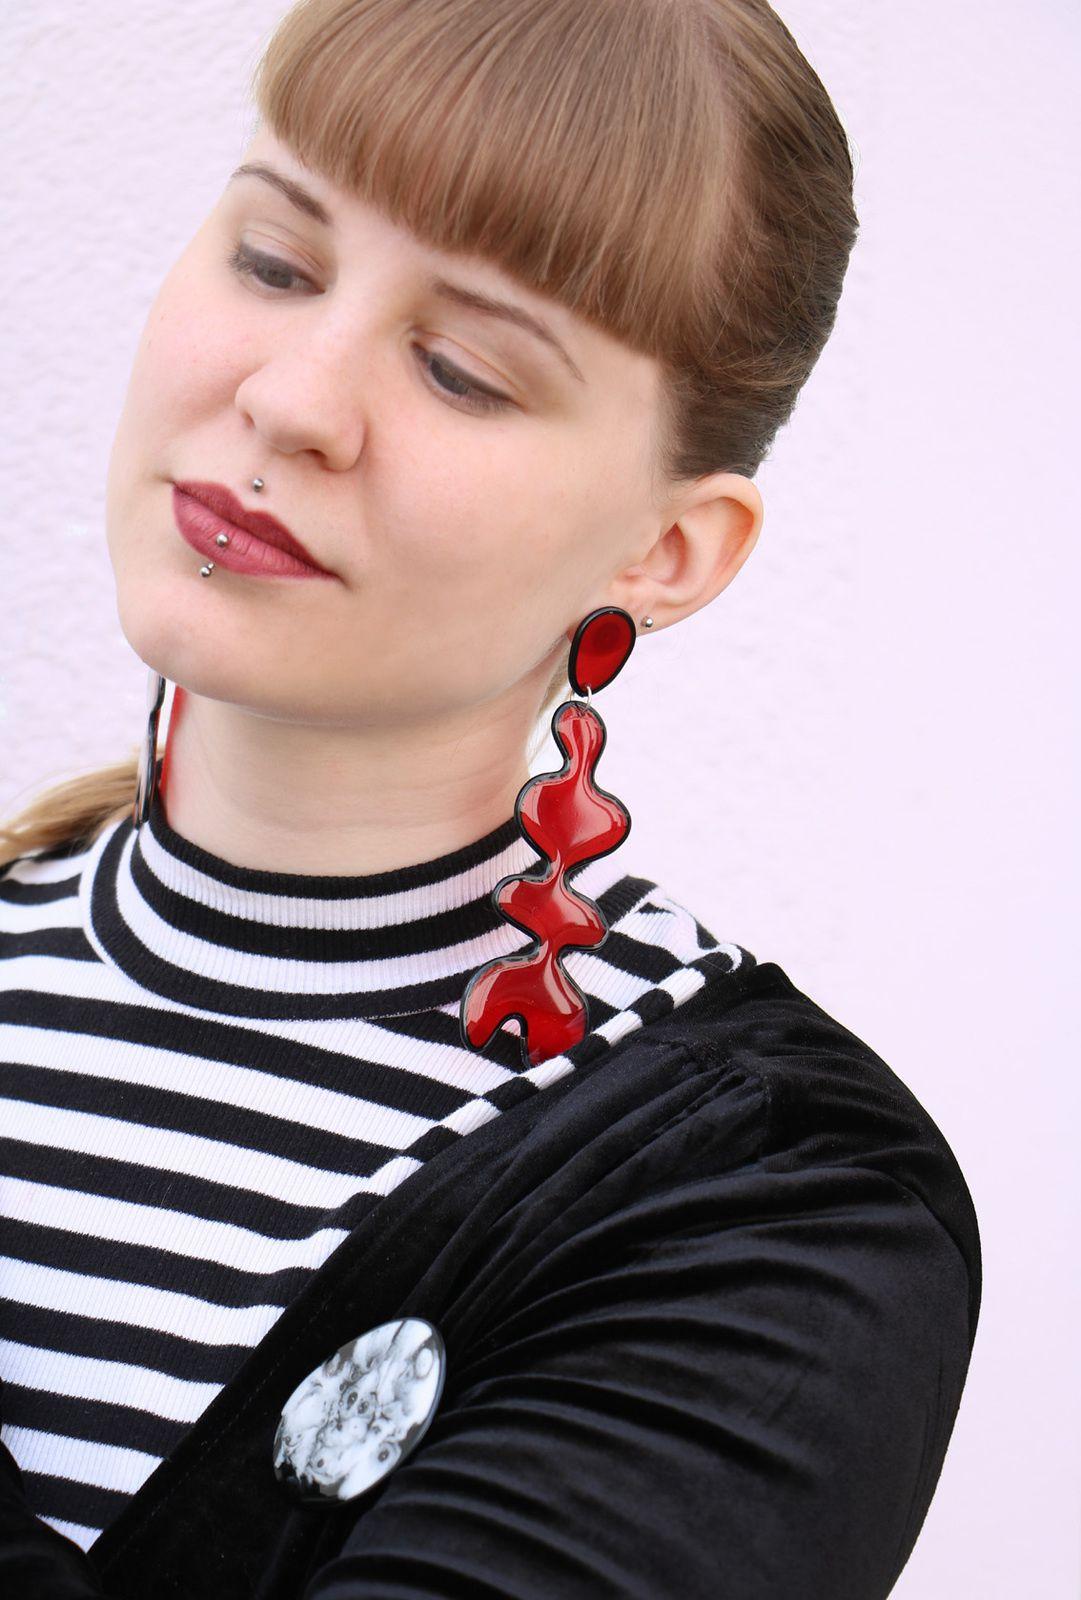 Großflächige Ohrringe im Pop-Art-Stil aus Kunstharz und Draht von Edna Mo.